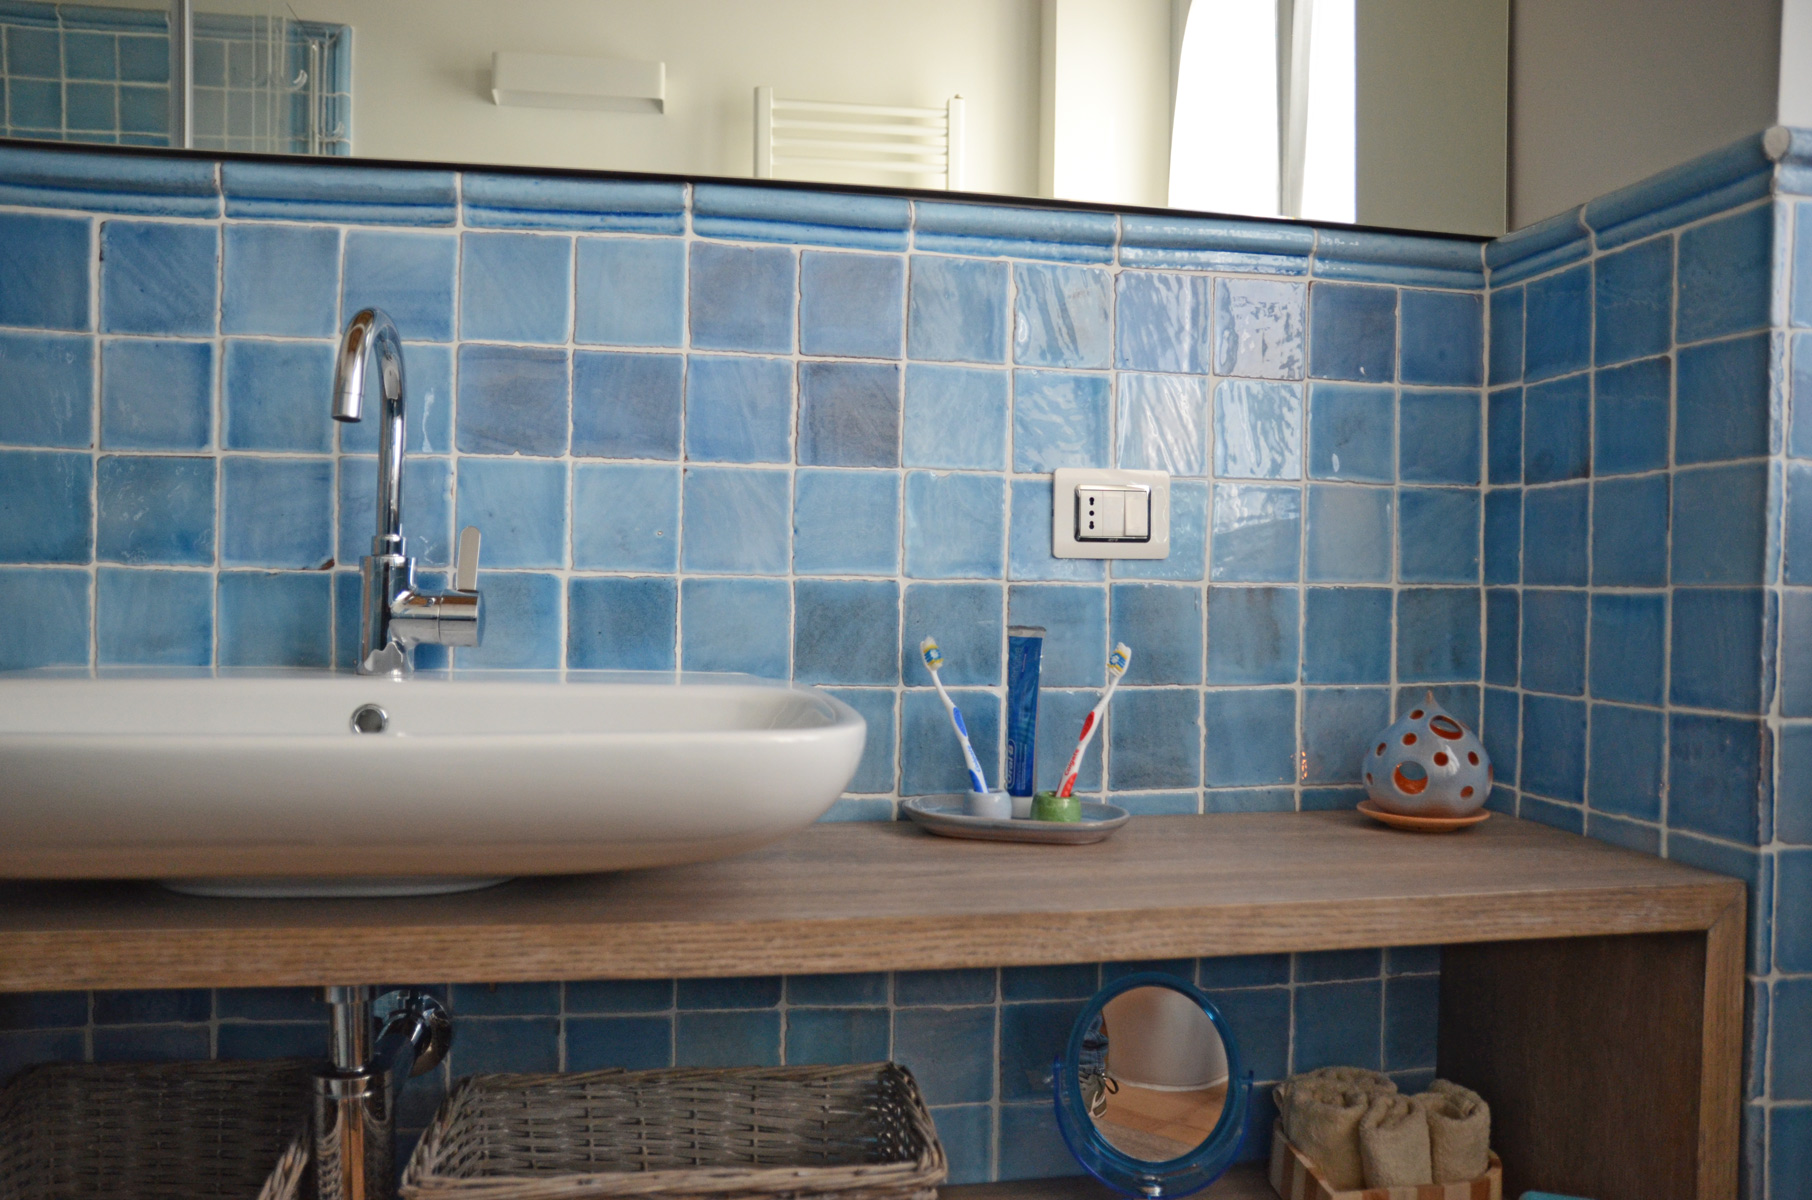 Rivestimento Bagno Con Maioliche bagno in cotto: idee per pavimenti, rivestimenti, maioliche